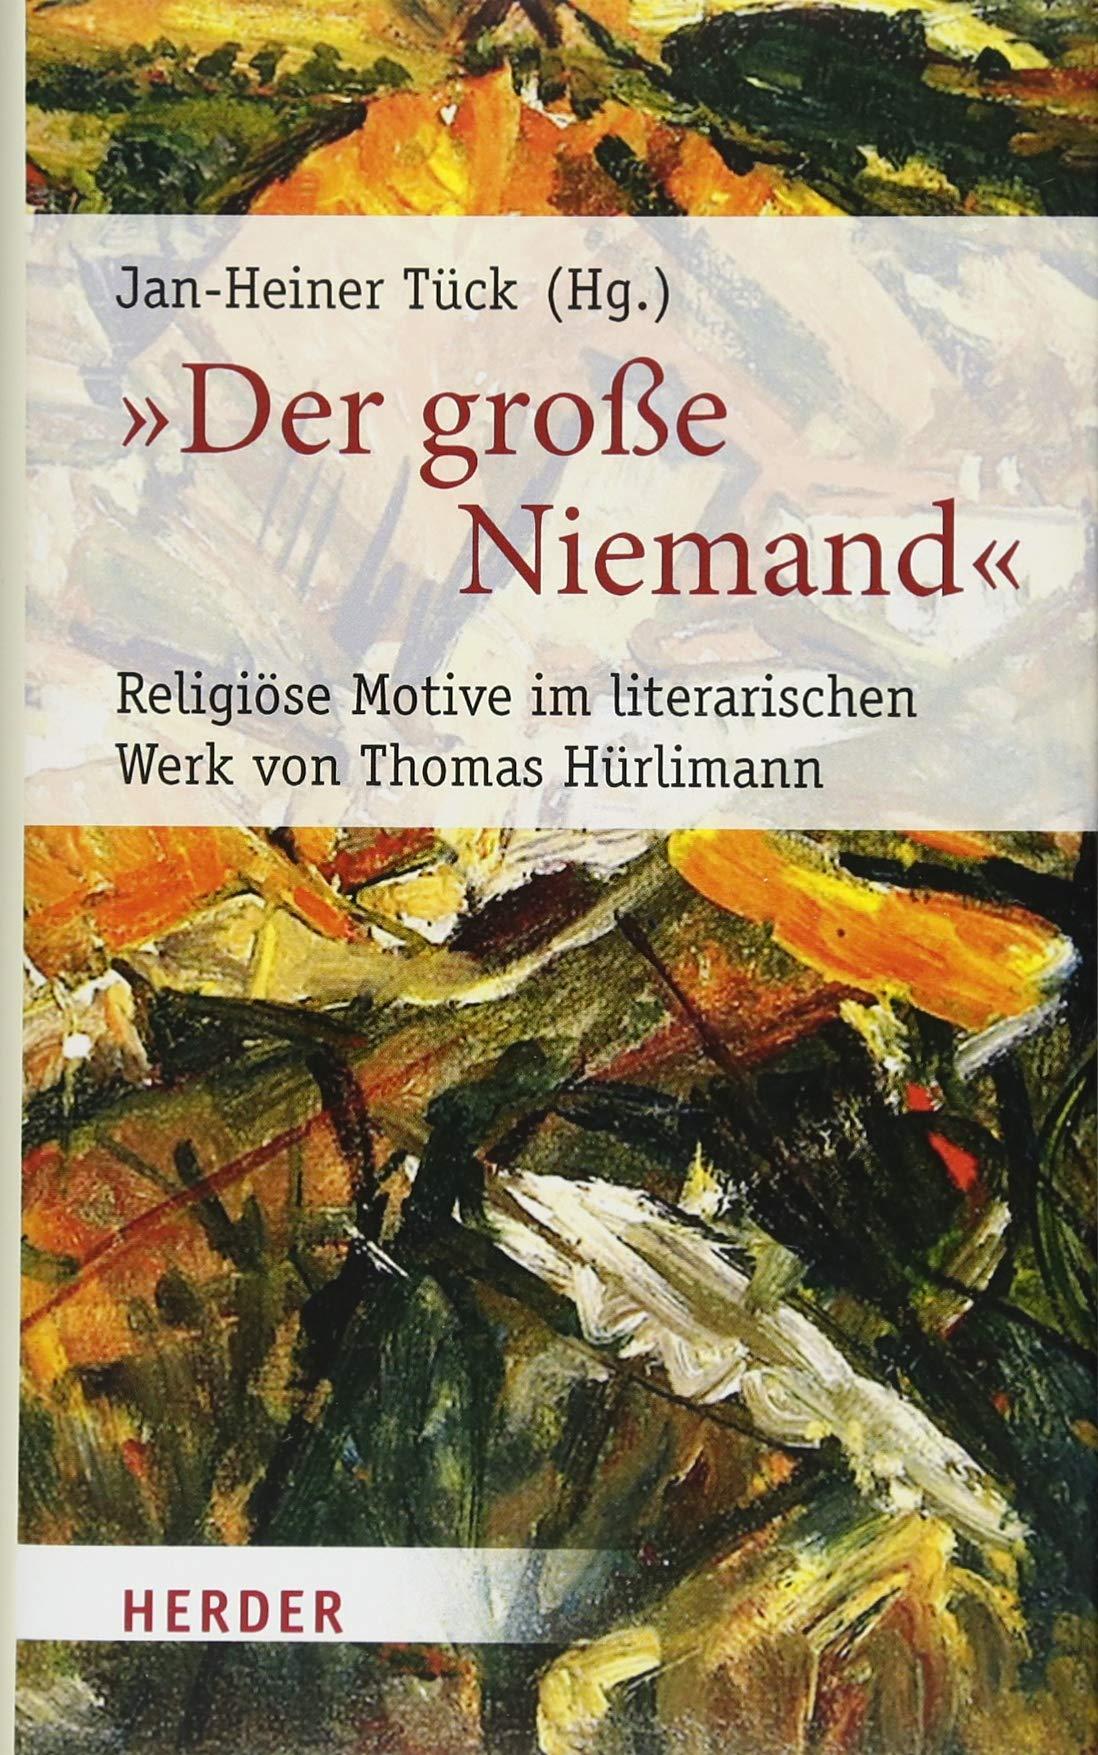 """""""Der große Niemand"""": Religiöse Motive im literarischen Werk von Thomas Hürlimann (Poetikdozentur Literatur und Religion)"""